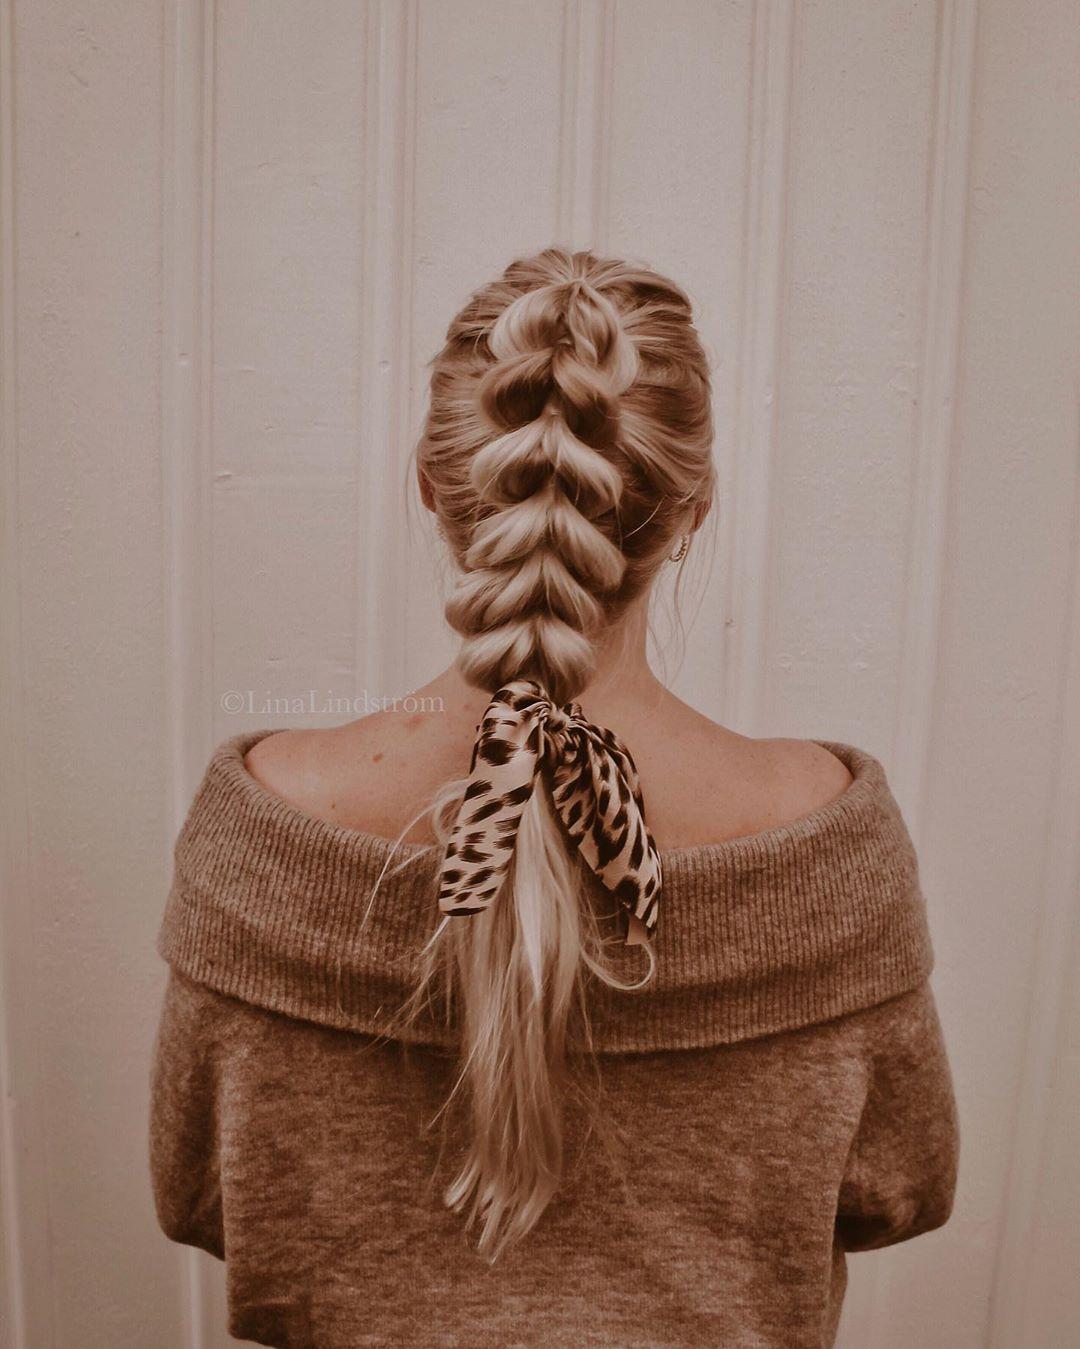 """Photo of 𝐋𝐈𝐍𝐀 𝐋𝐈𝐍𝐃𝐒𝐓𝐑𝐎̈𝐌 on Instagram: """"Pullthrough braid with scarf ➰🌚 ~ Vad tycker ni om denna frisyr? ~ Som jag längtar efter hösten nu! Jag trivs bäst i svalare luft, stickade…"""""""